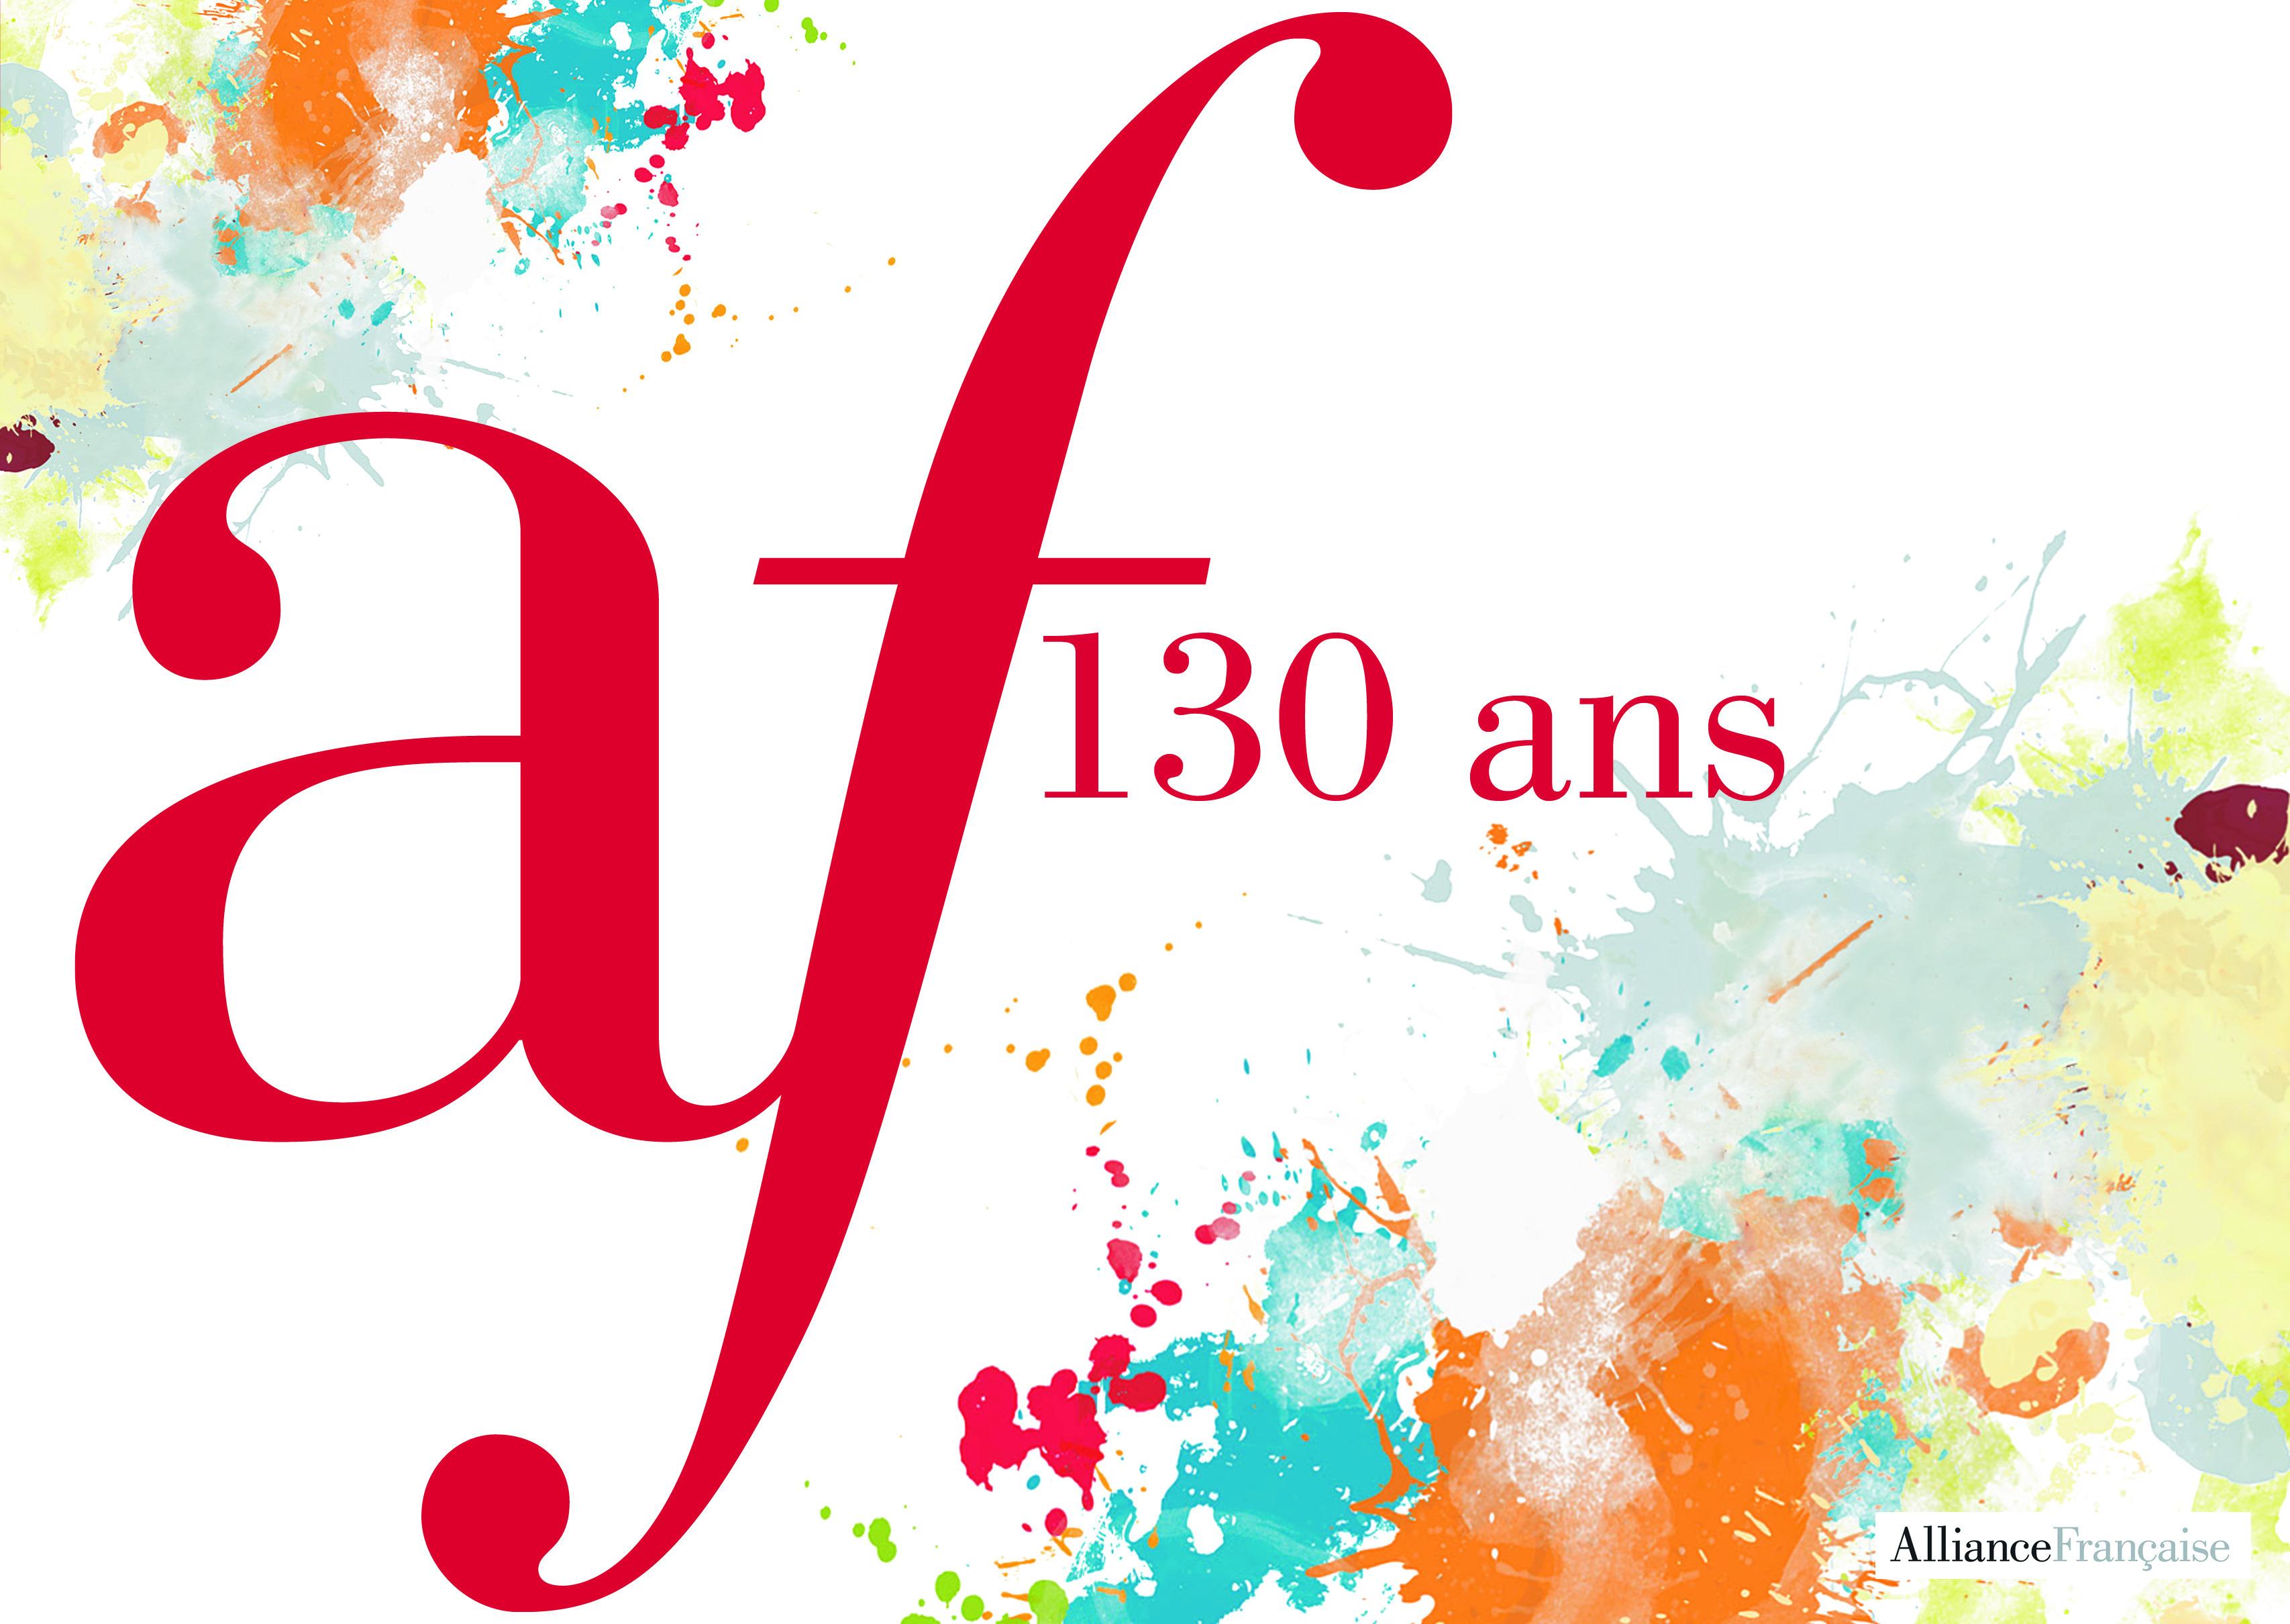 Alliance Française Alliance Française 130 ans